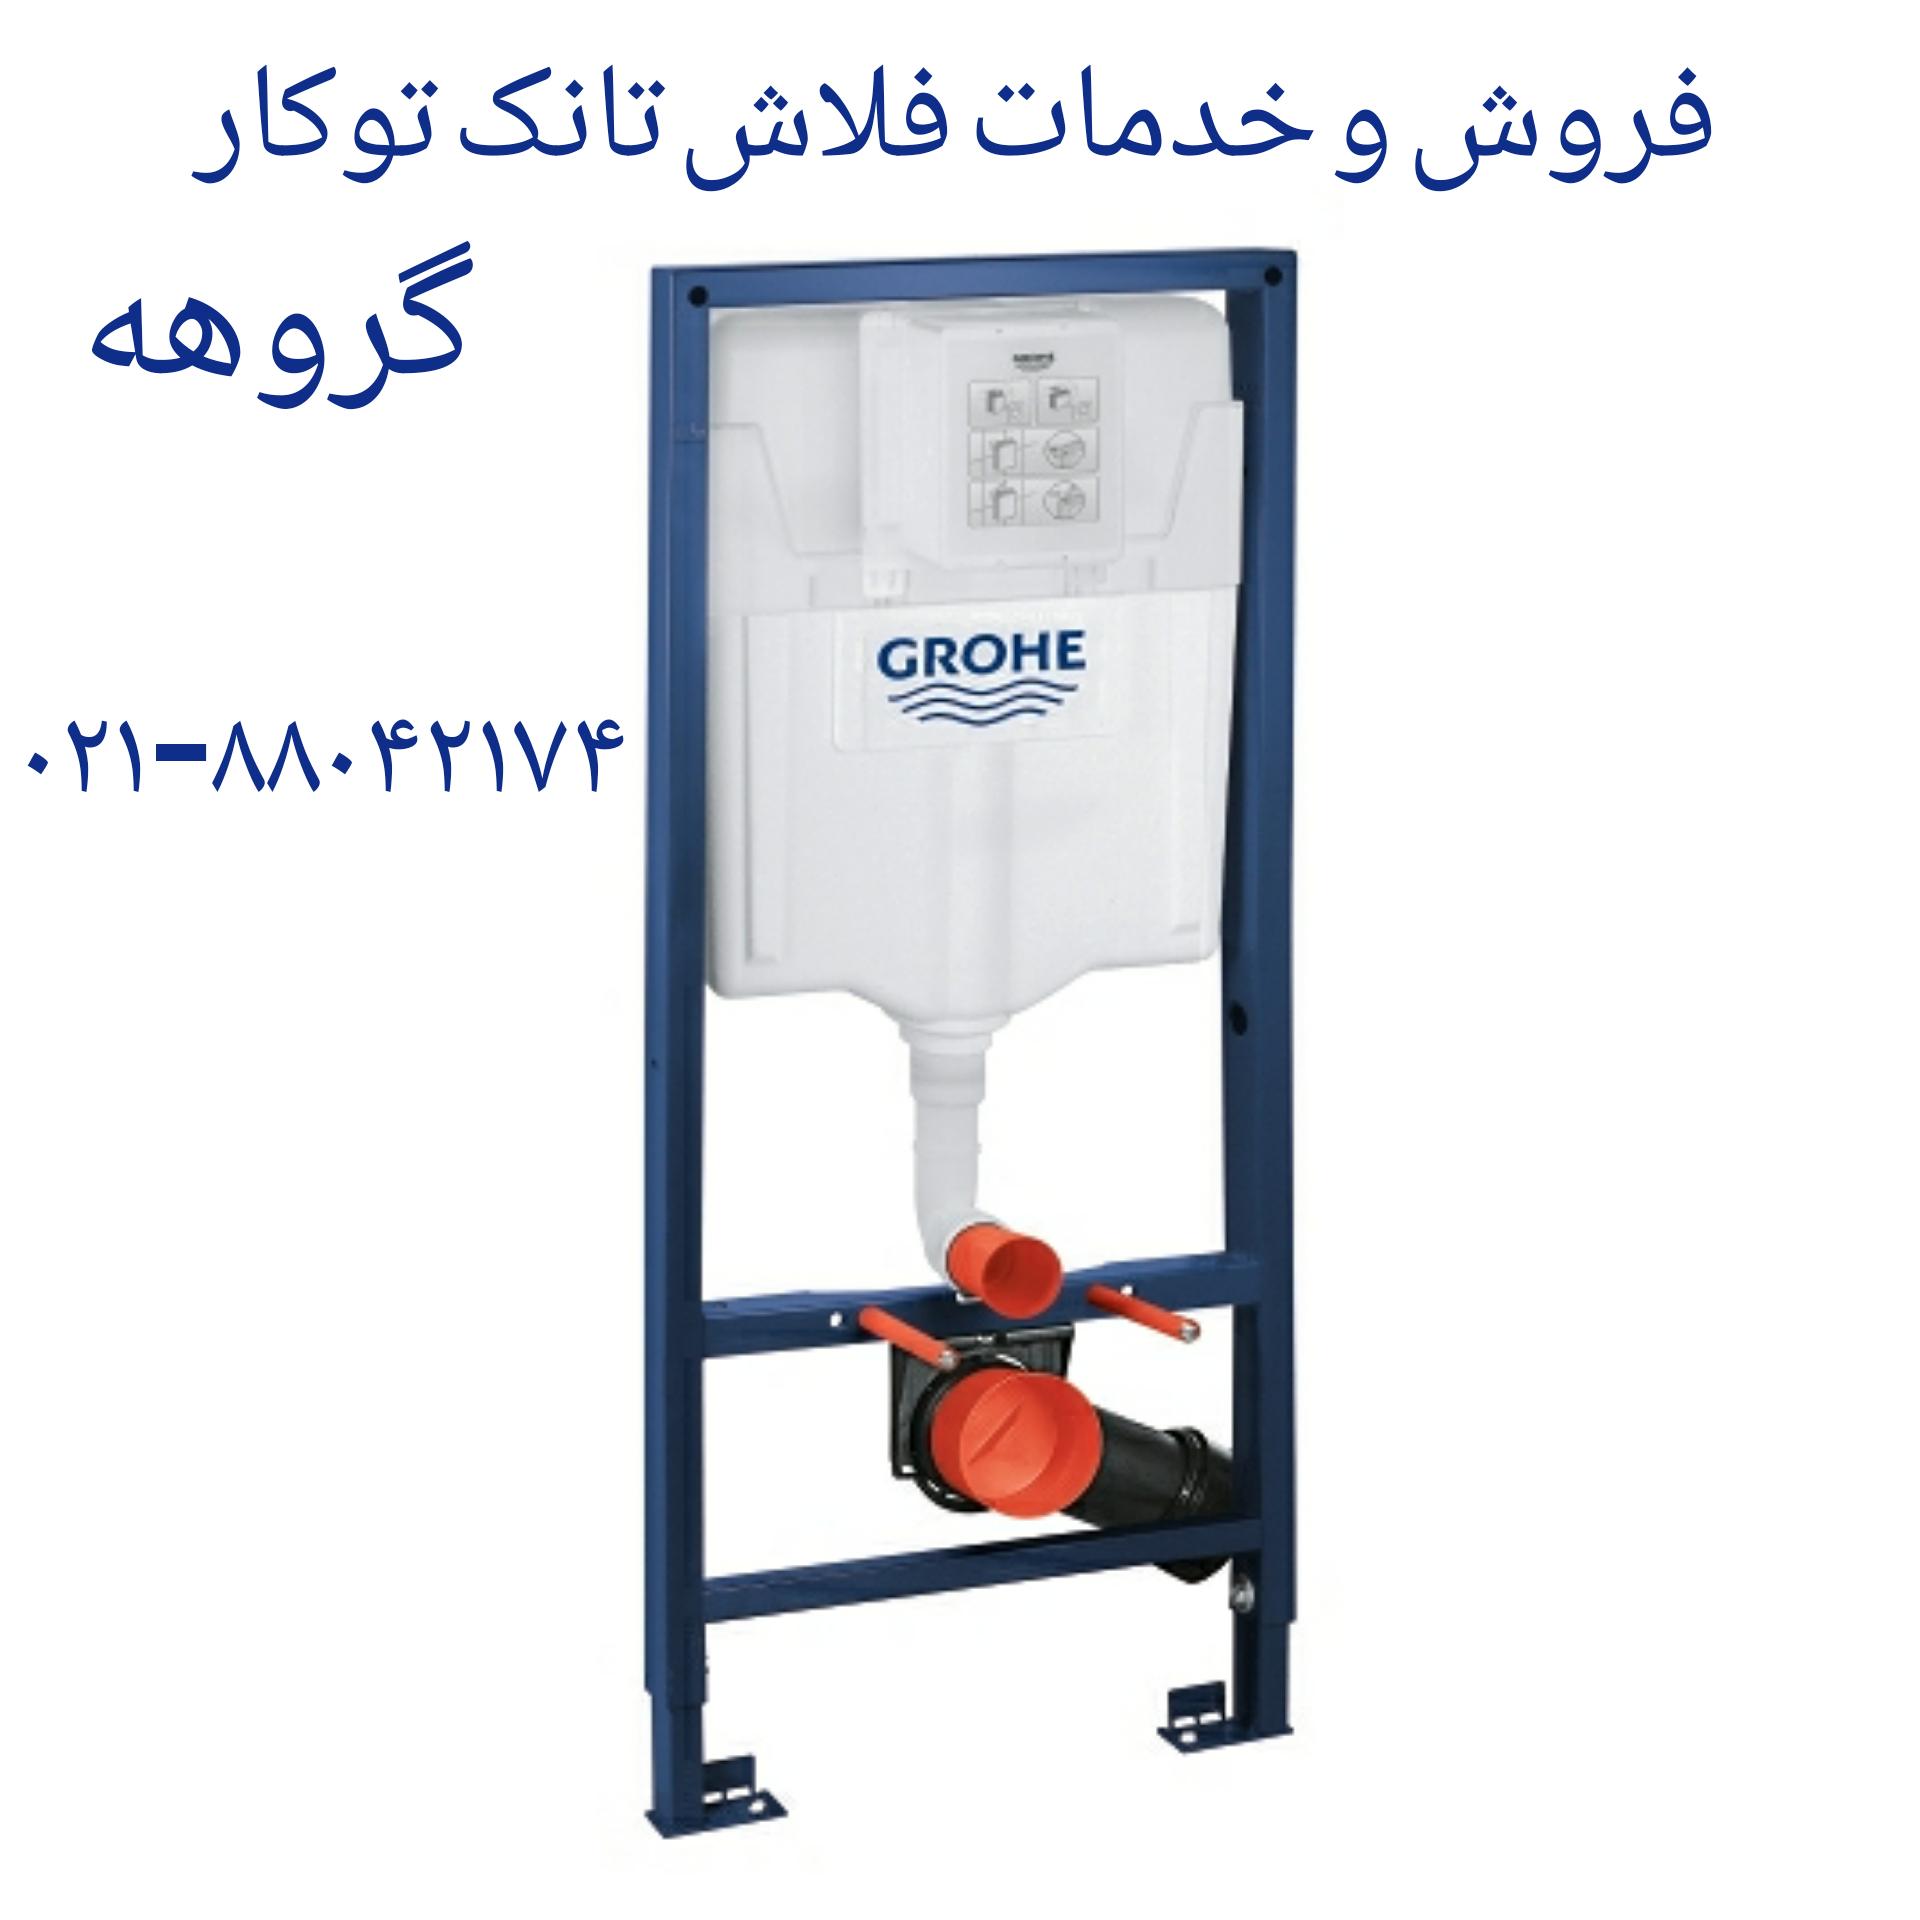 تعمیر توالت فرنگی والهنگ گروهه